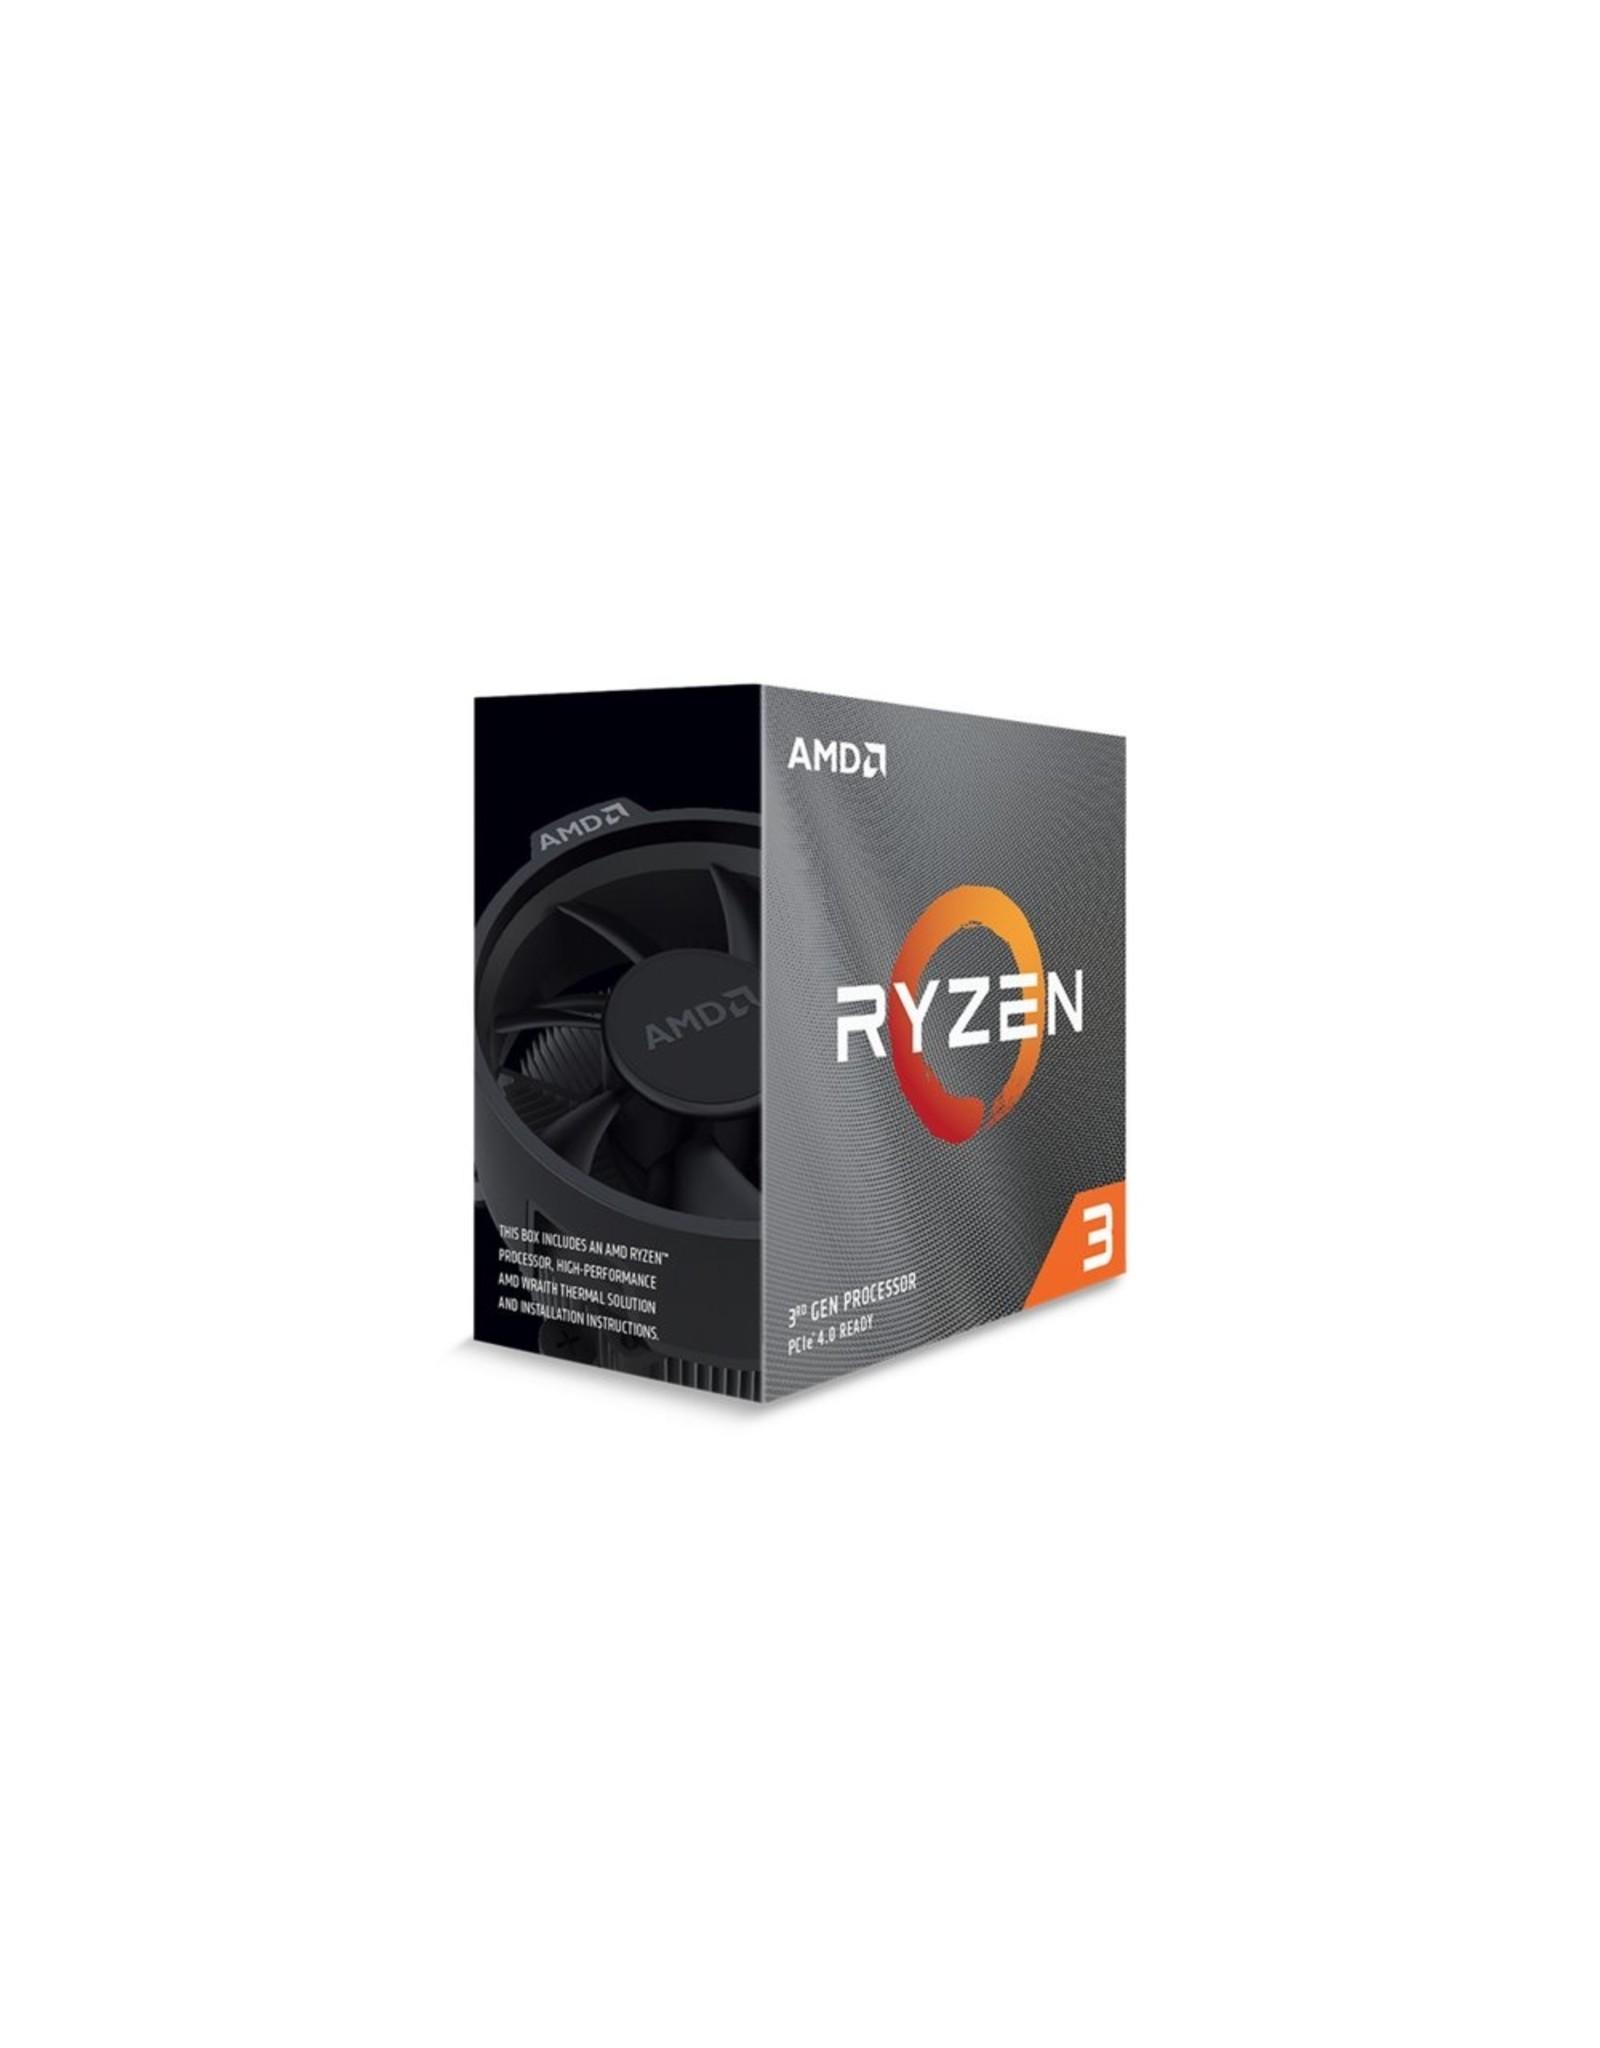 AMD CPU  Ryzen 3 3100 / AM4 / 4core / 3.1-4.1GHz/ NO GPU /Box